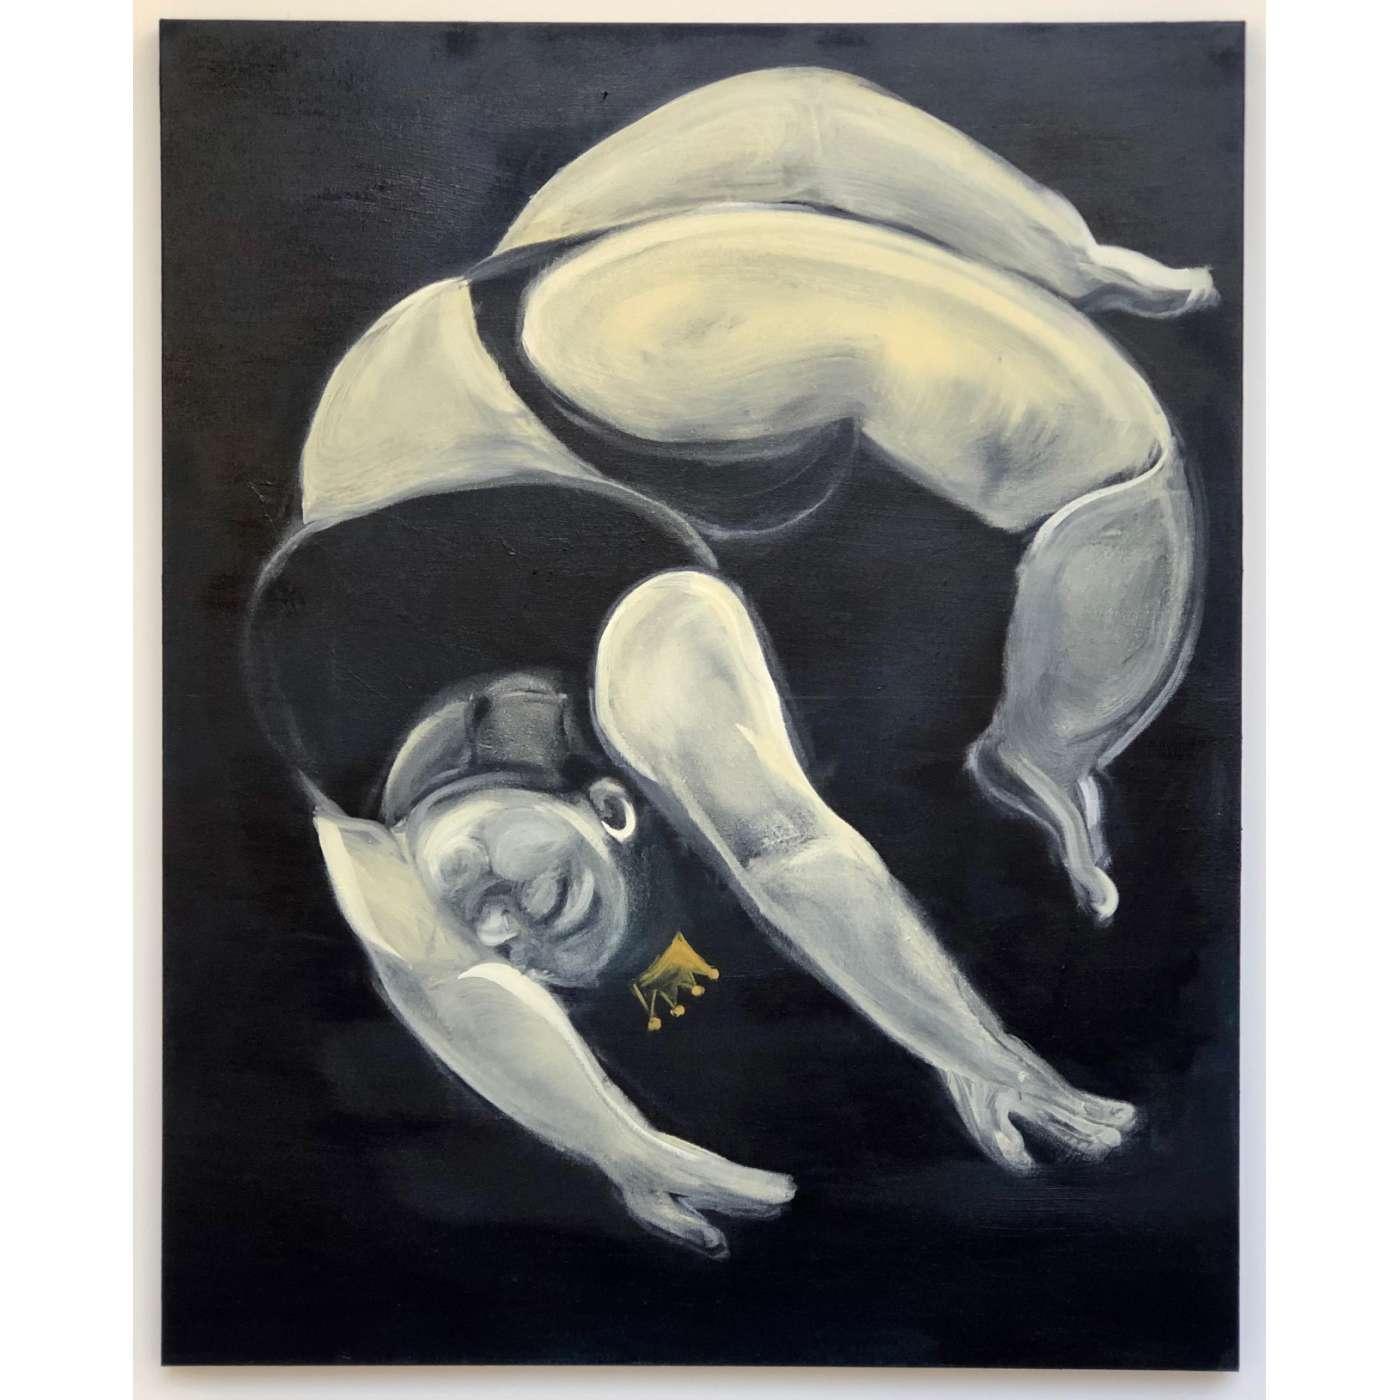 Leilão beneficente de arte contemporânea